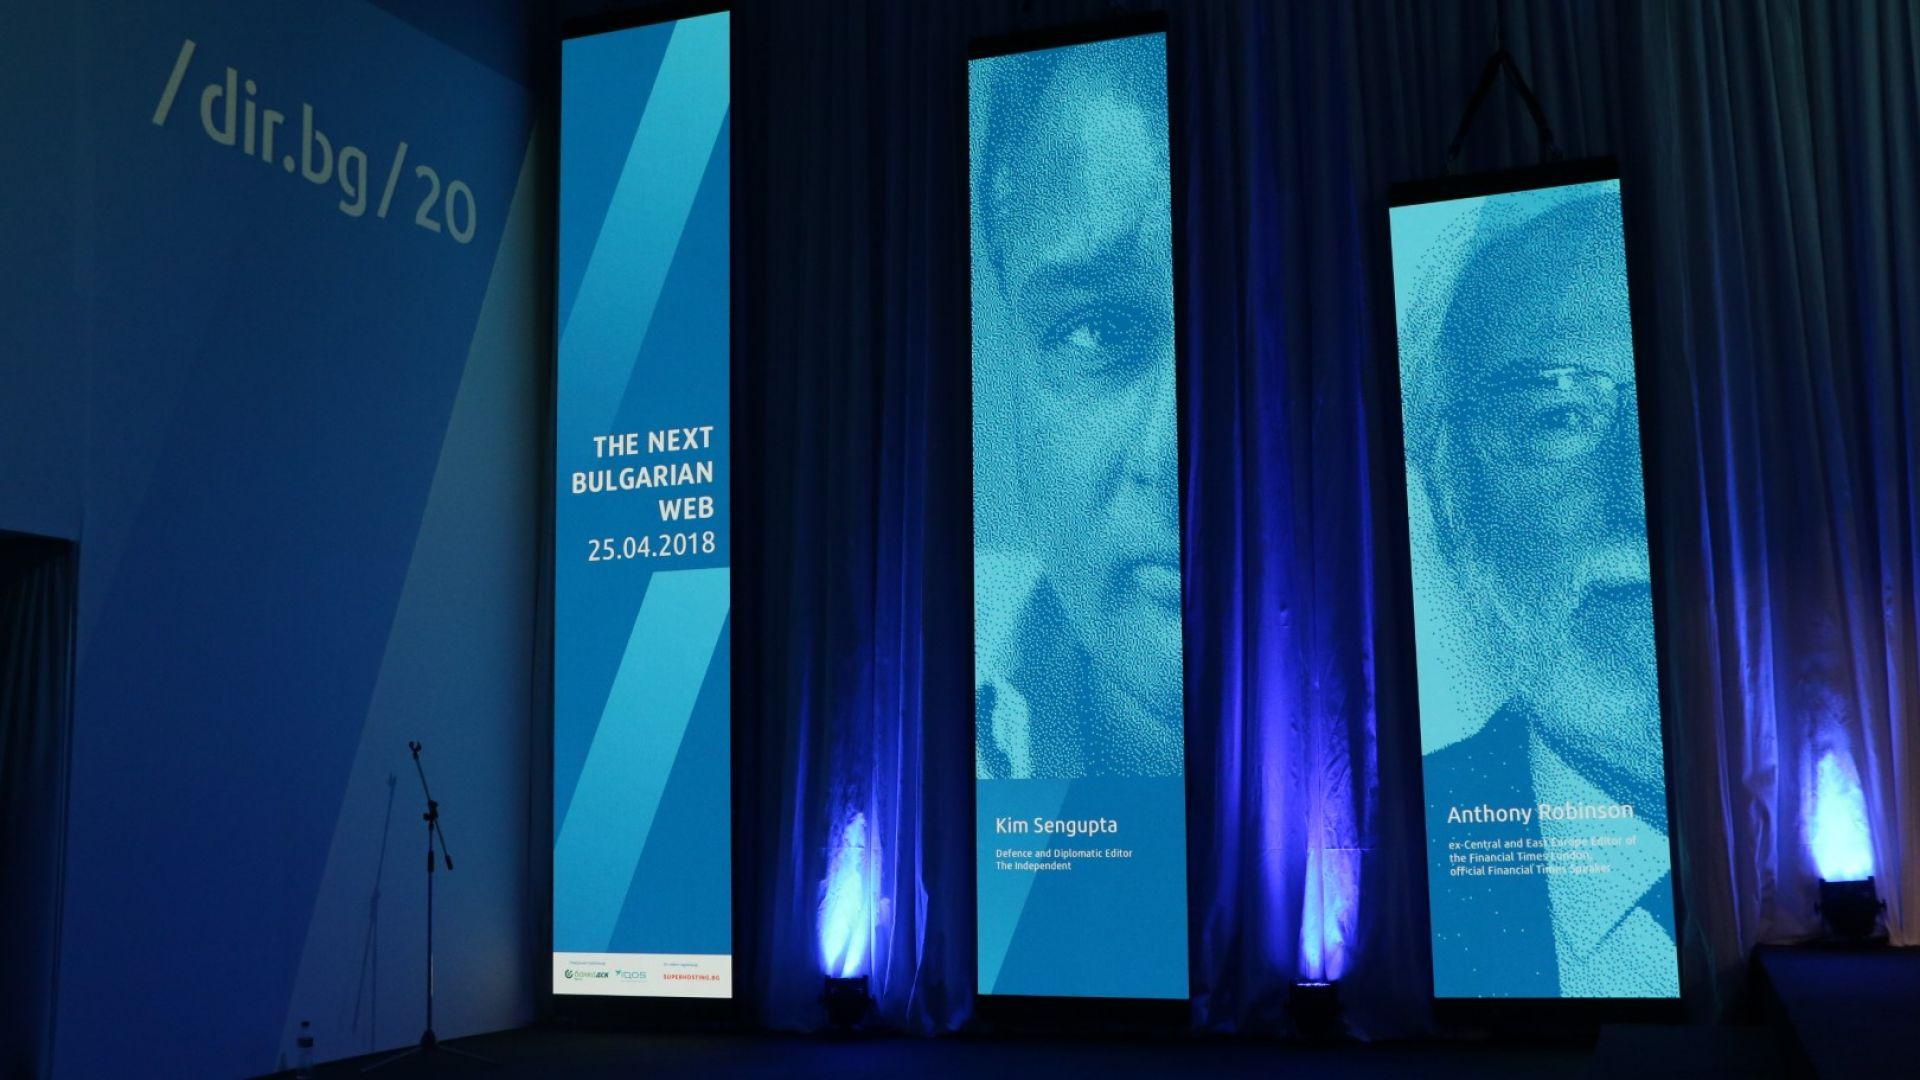 Ким Сенгупта пред Dir.bg: Онлайн медиите, вестниците и списанията ще са eдни до други, но бъдещето е дигитално